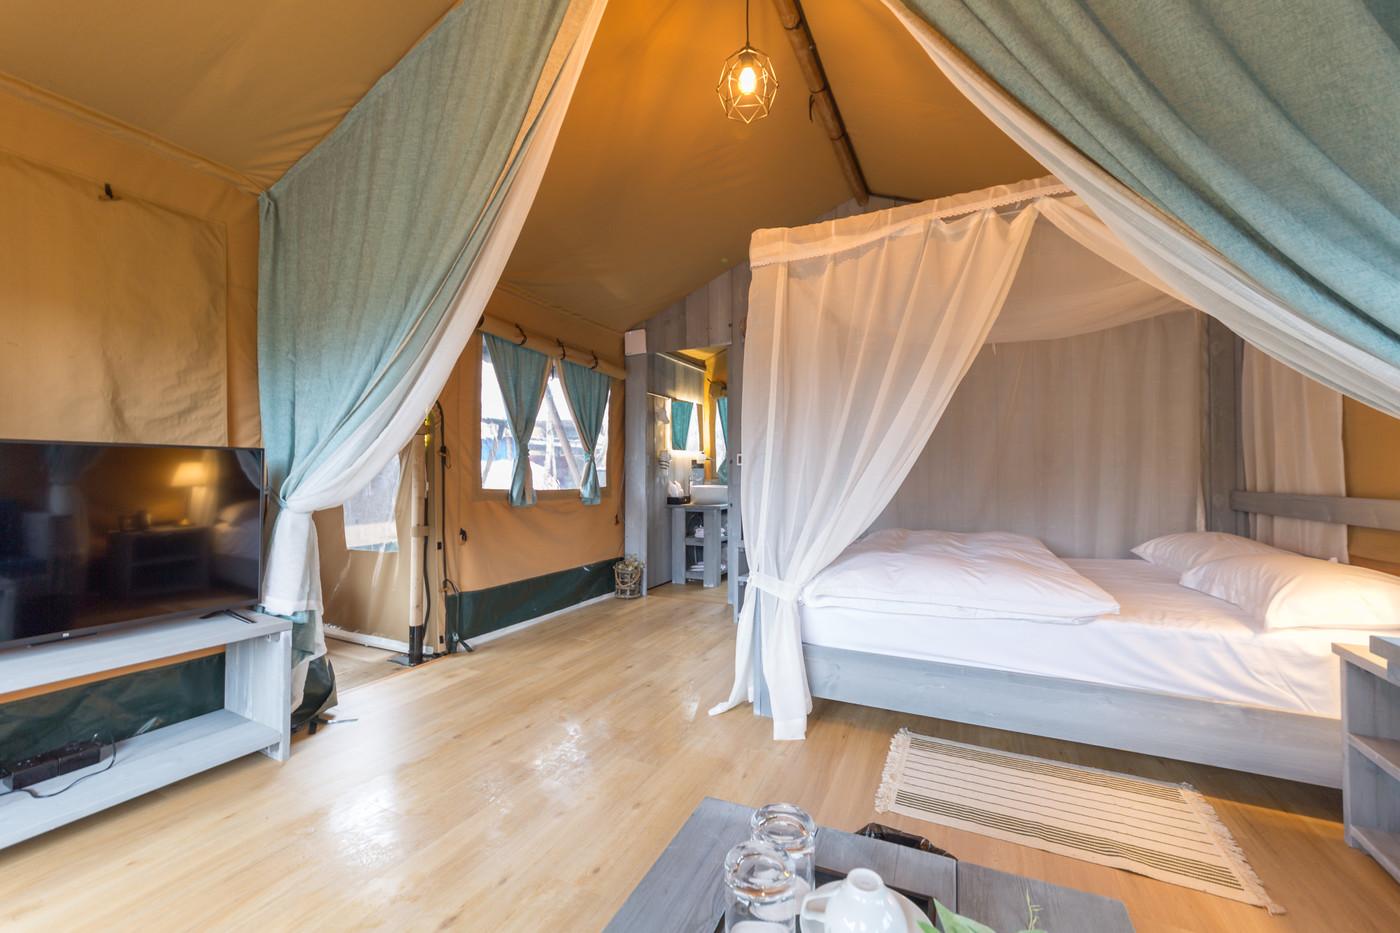 喜马拉雅上海迪士尼邻家营地子母房平地帐篷酒店15